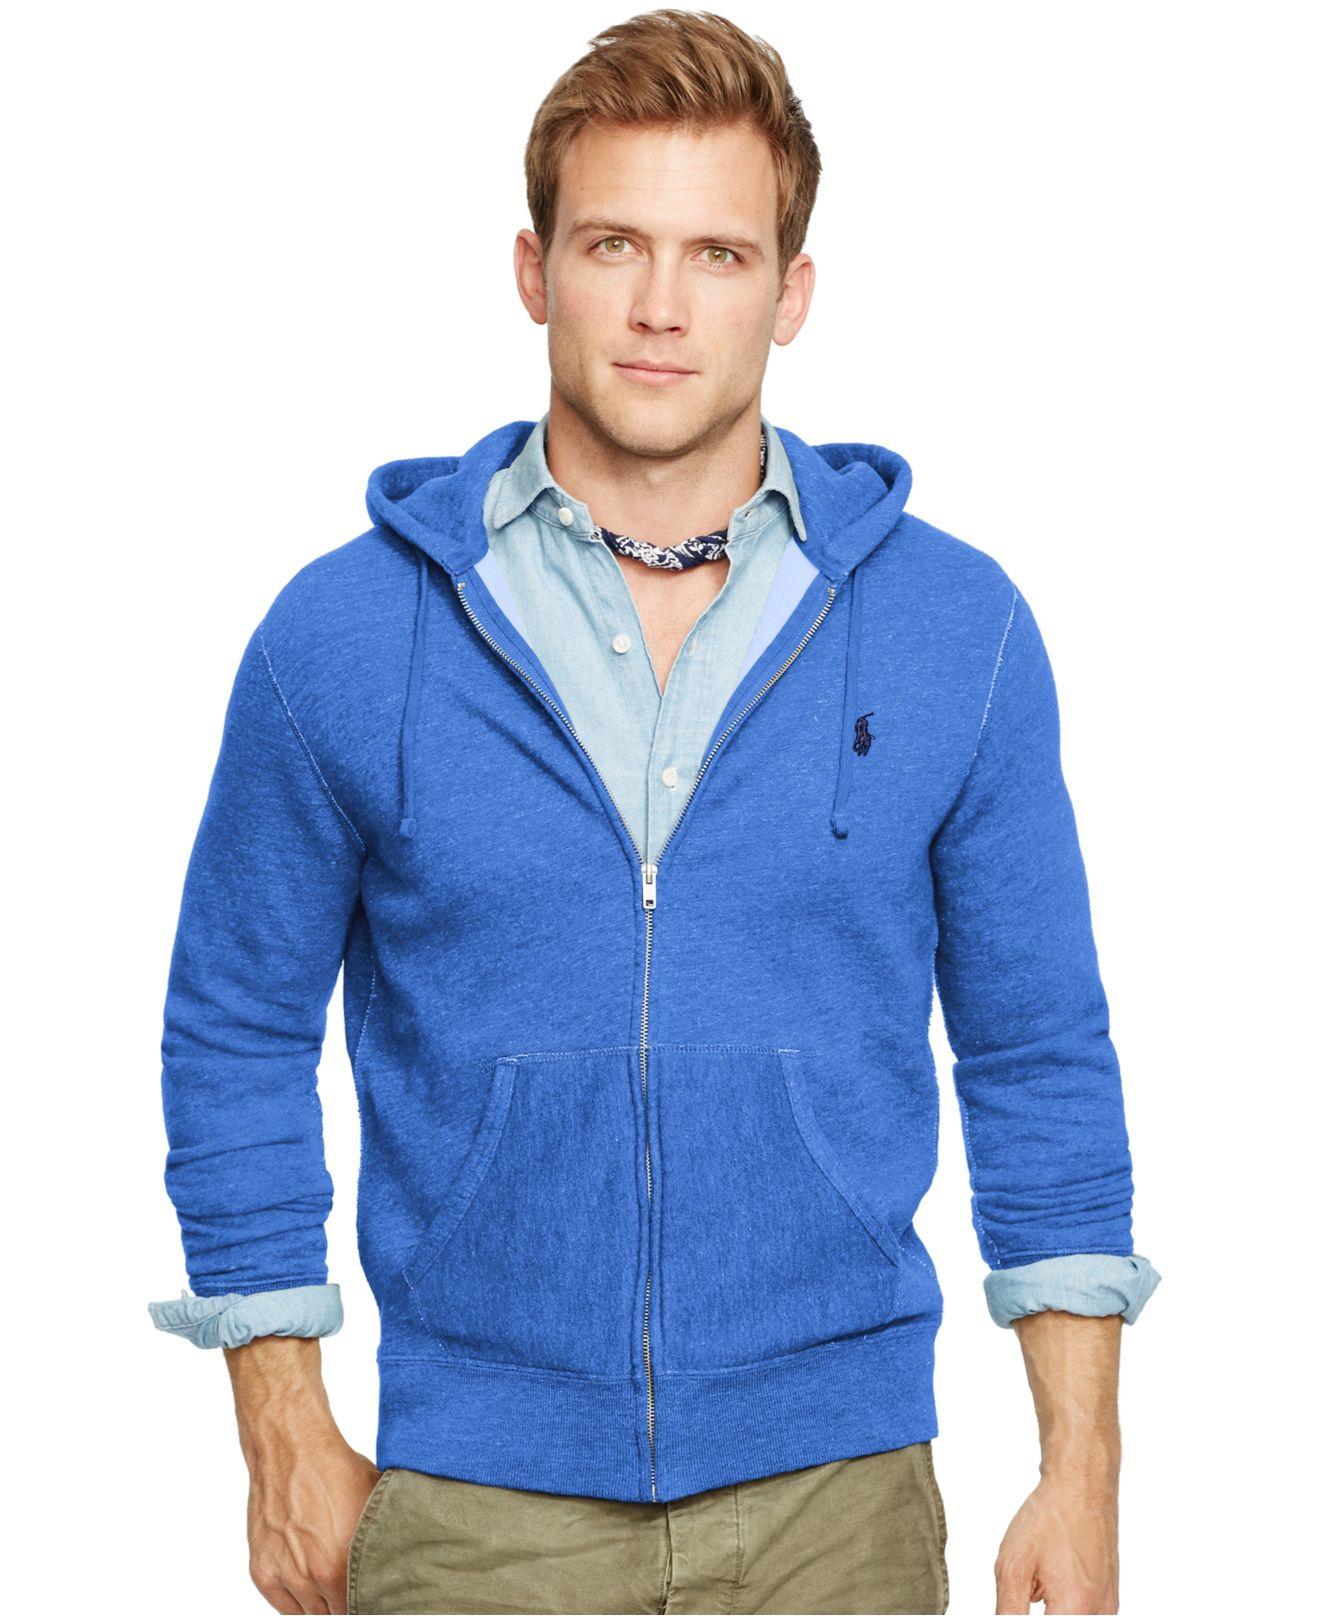 polo ralph lauren full zip fleece hoodie in blue for men. Black Bedroom Furniture Sets. Home Design Ideas